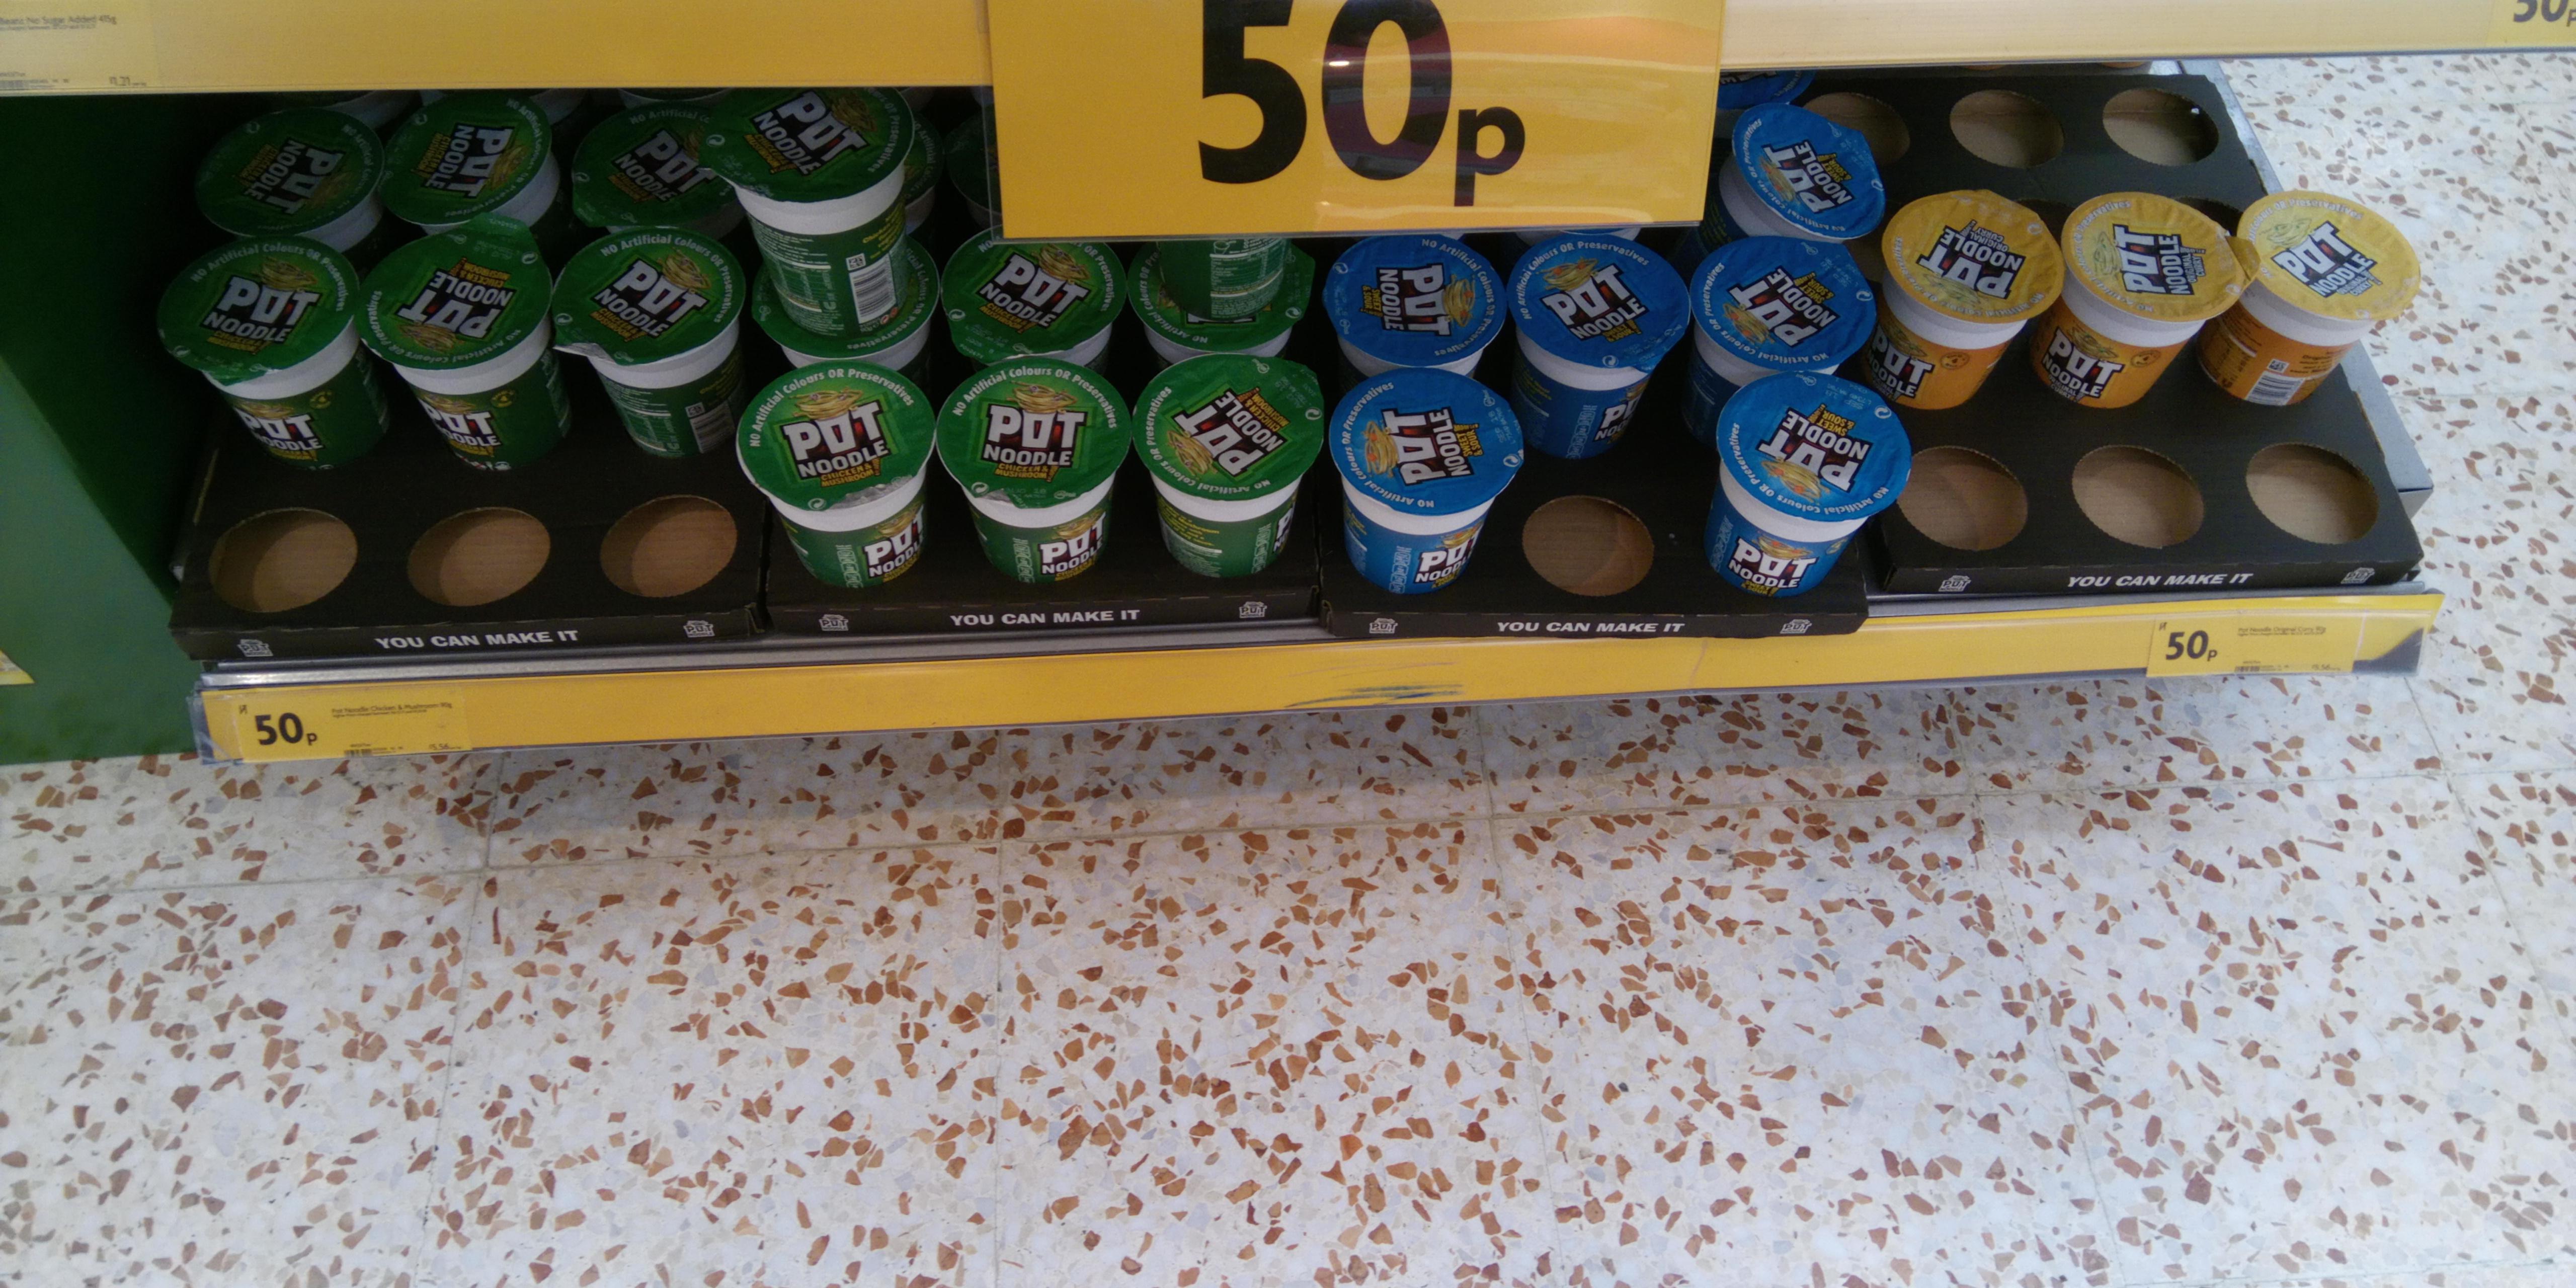 Pot Noodle - All flavours 50p @ Morrisons Instore & Online